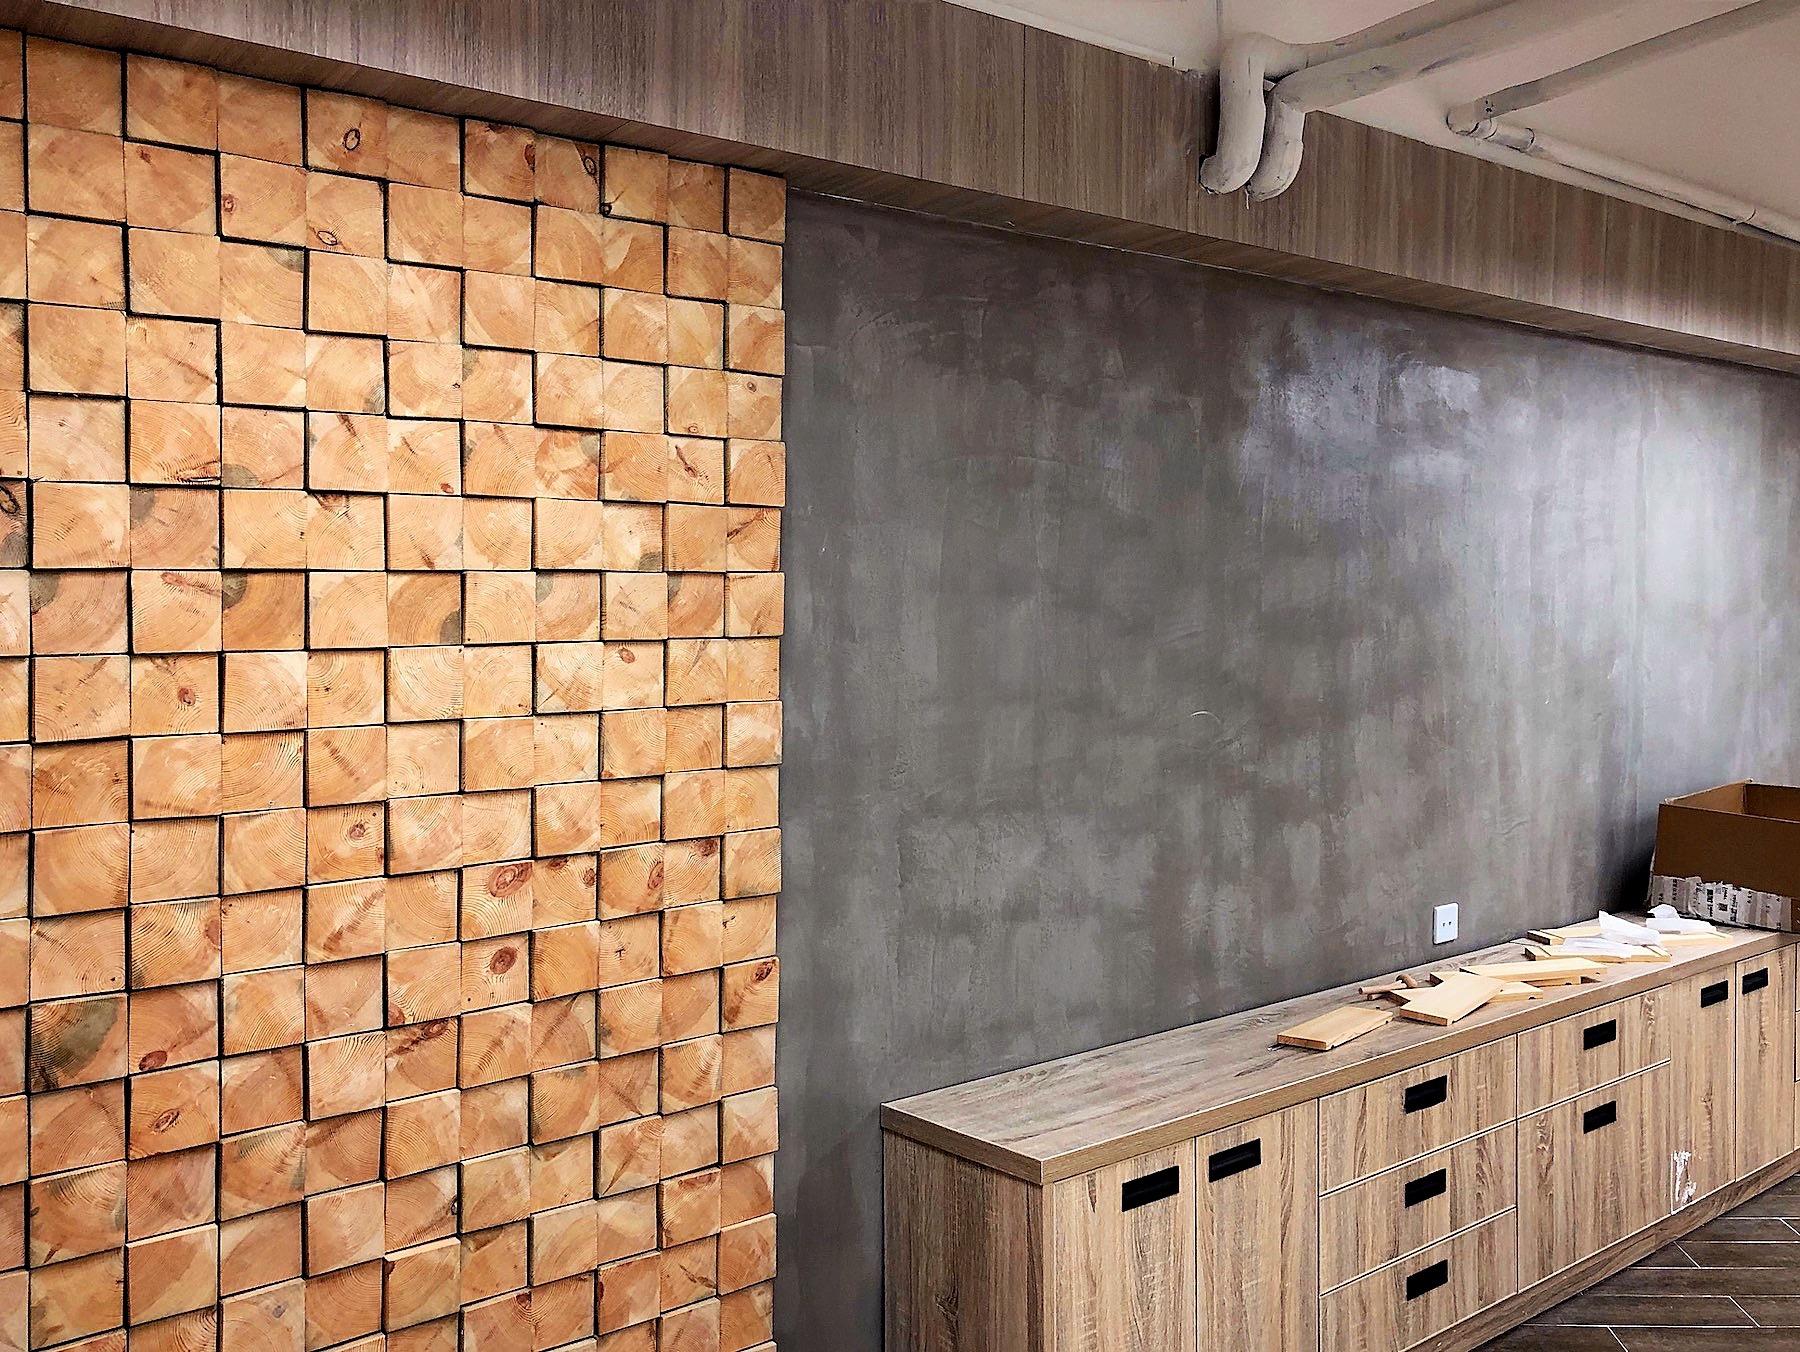 Grandway Office Renovation 2018 Boss Room 001